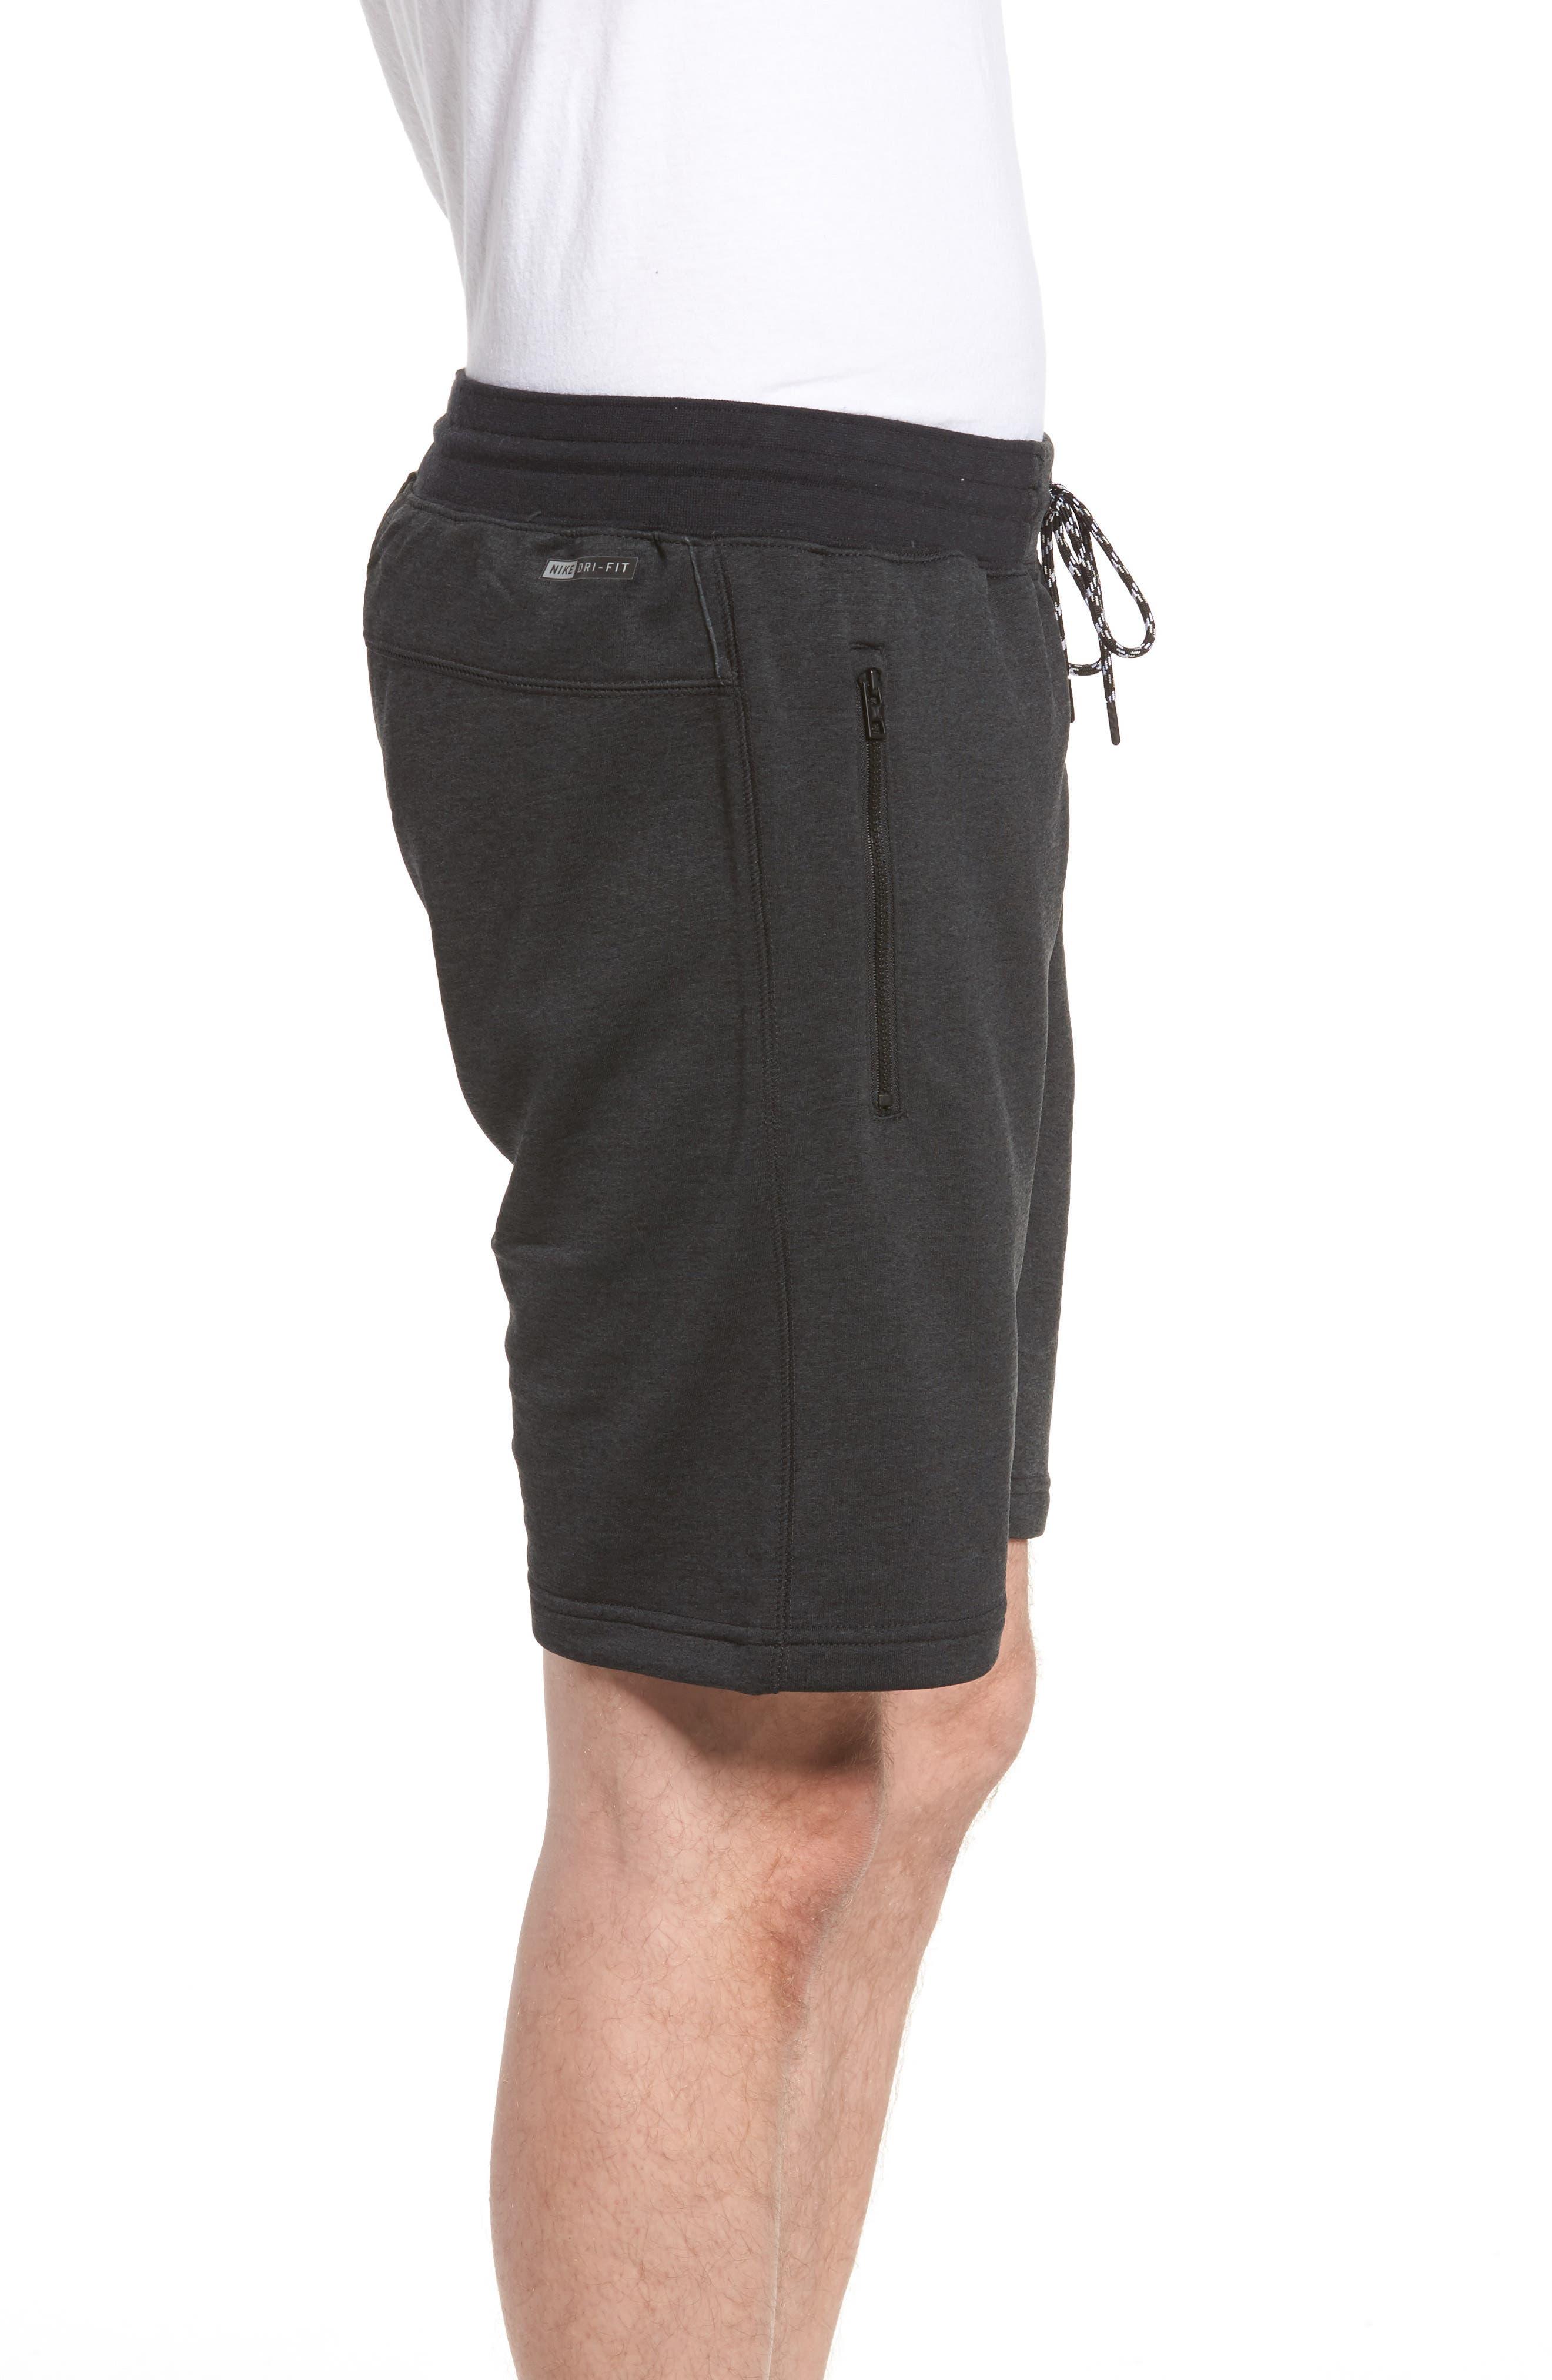 Dri-FIT Solar Shorts,                             Alternate thumbnail 3, color,                             Black